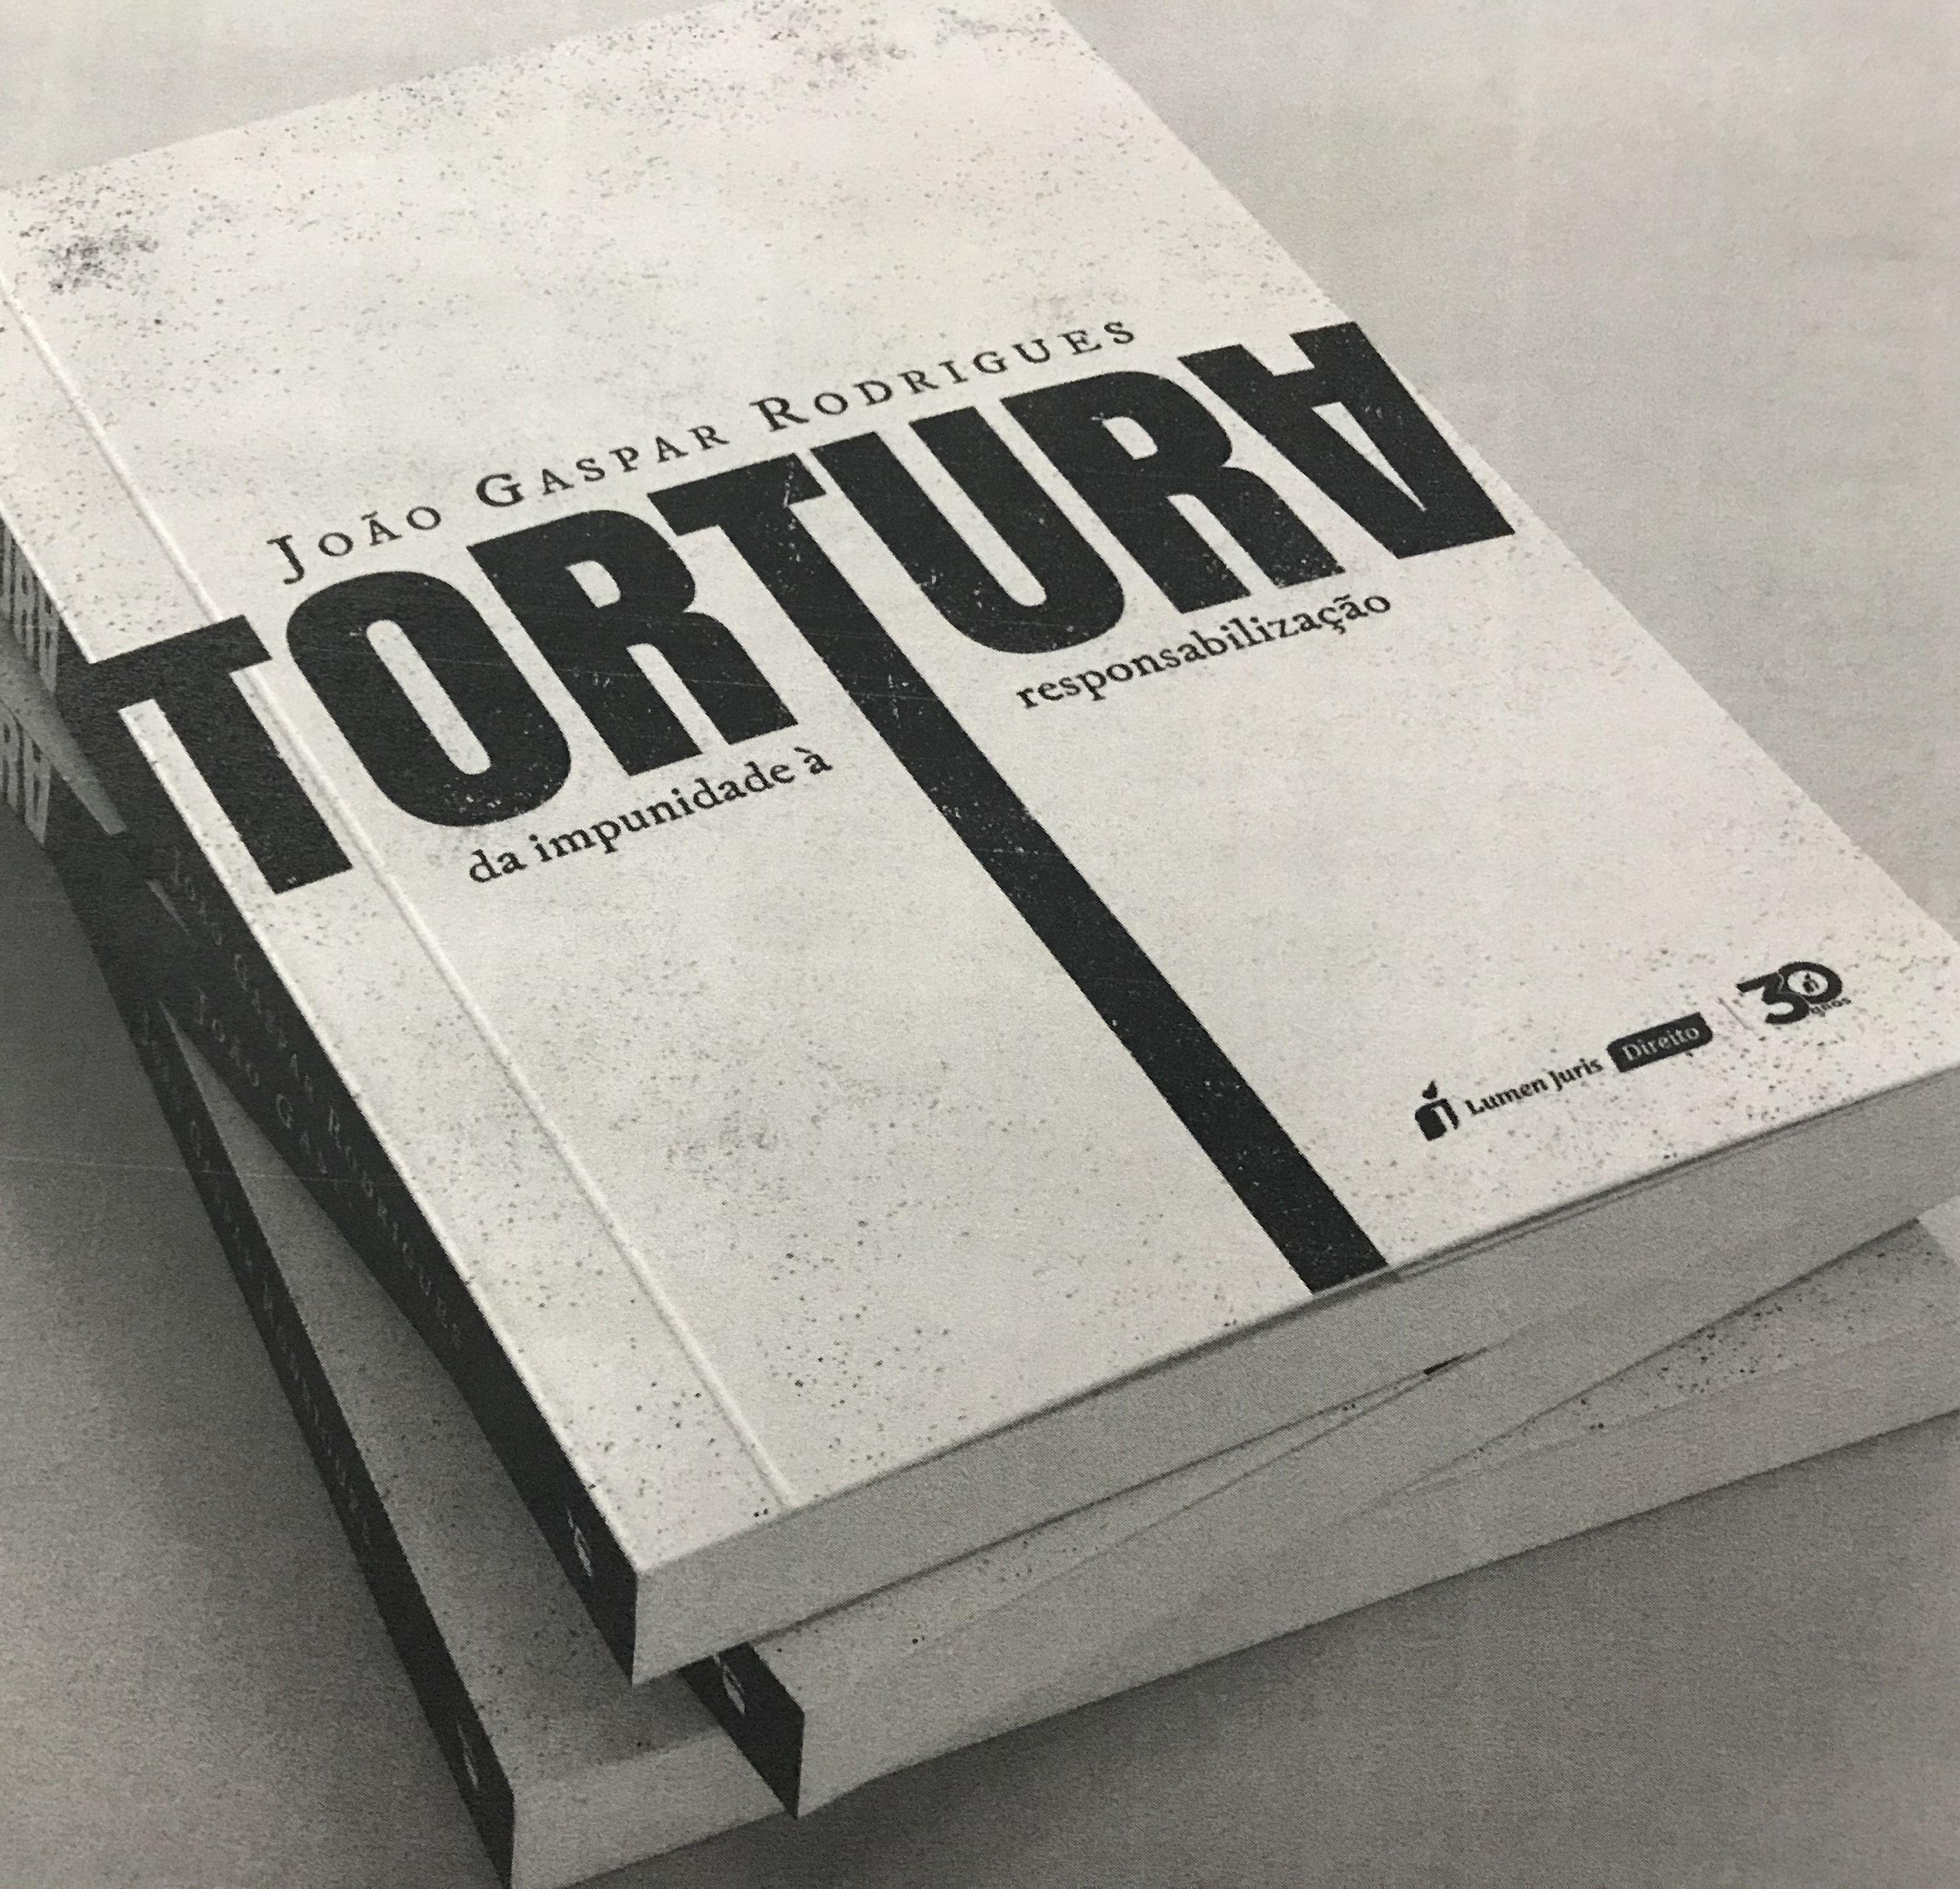 Tortura: da impunidade à responsabilização